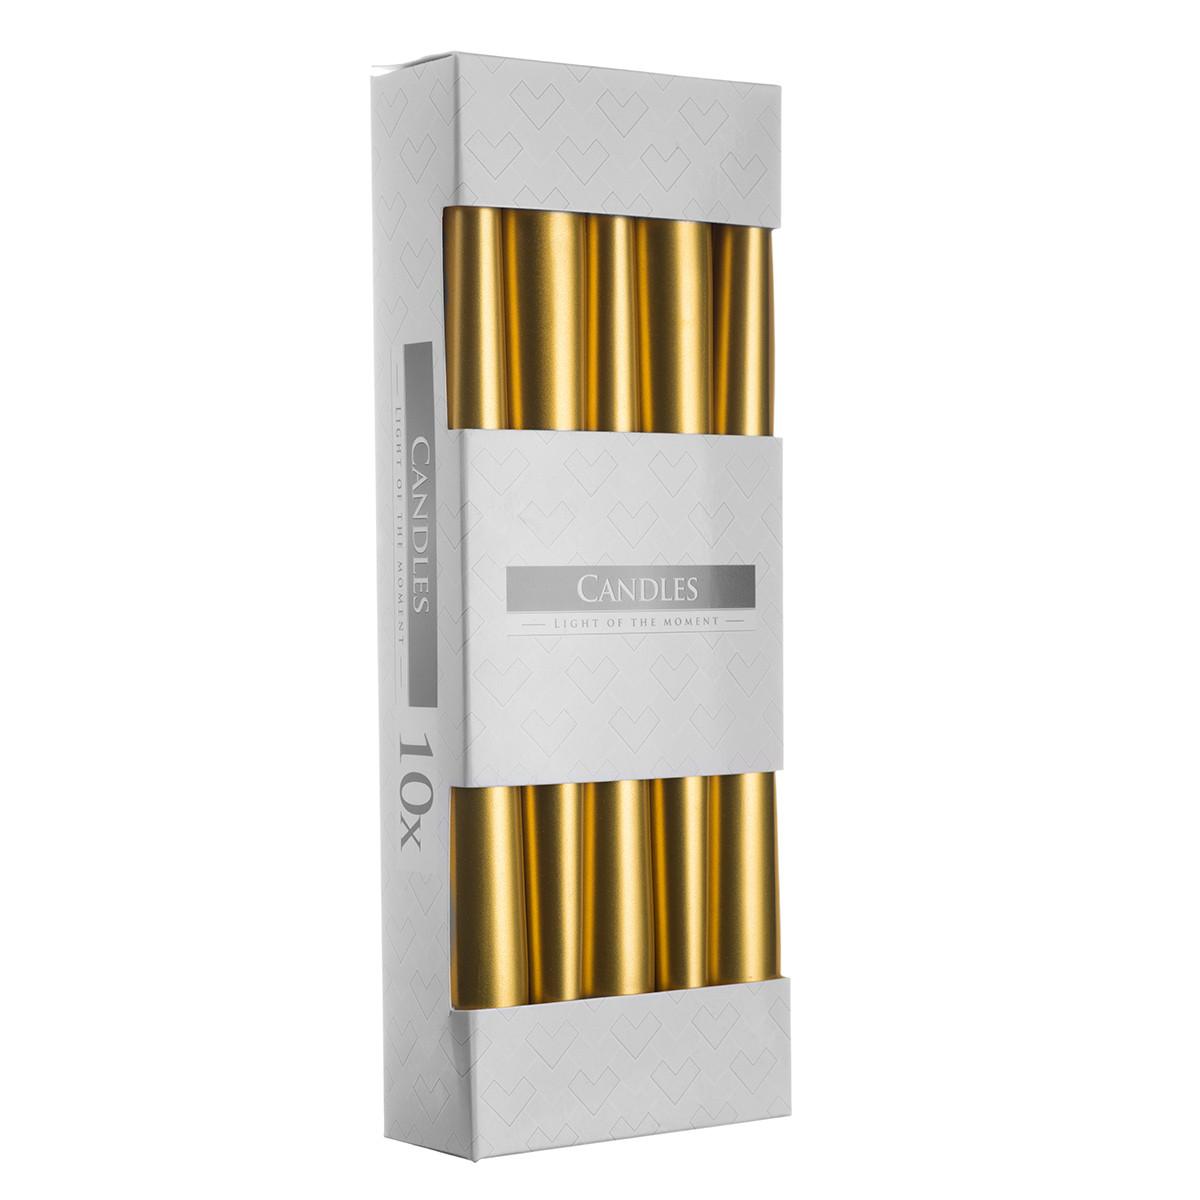 Свеча коническая золотистая  Bispol 24,5 см 10 шт (s30-213)